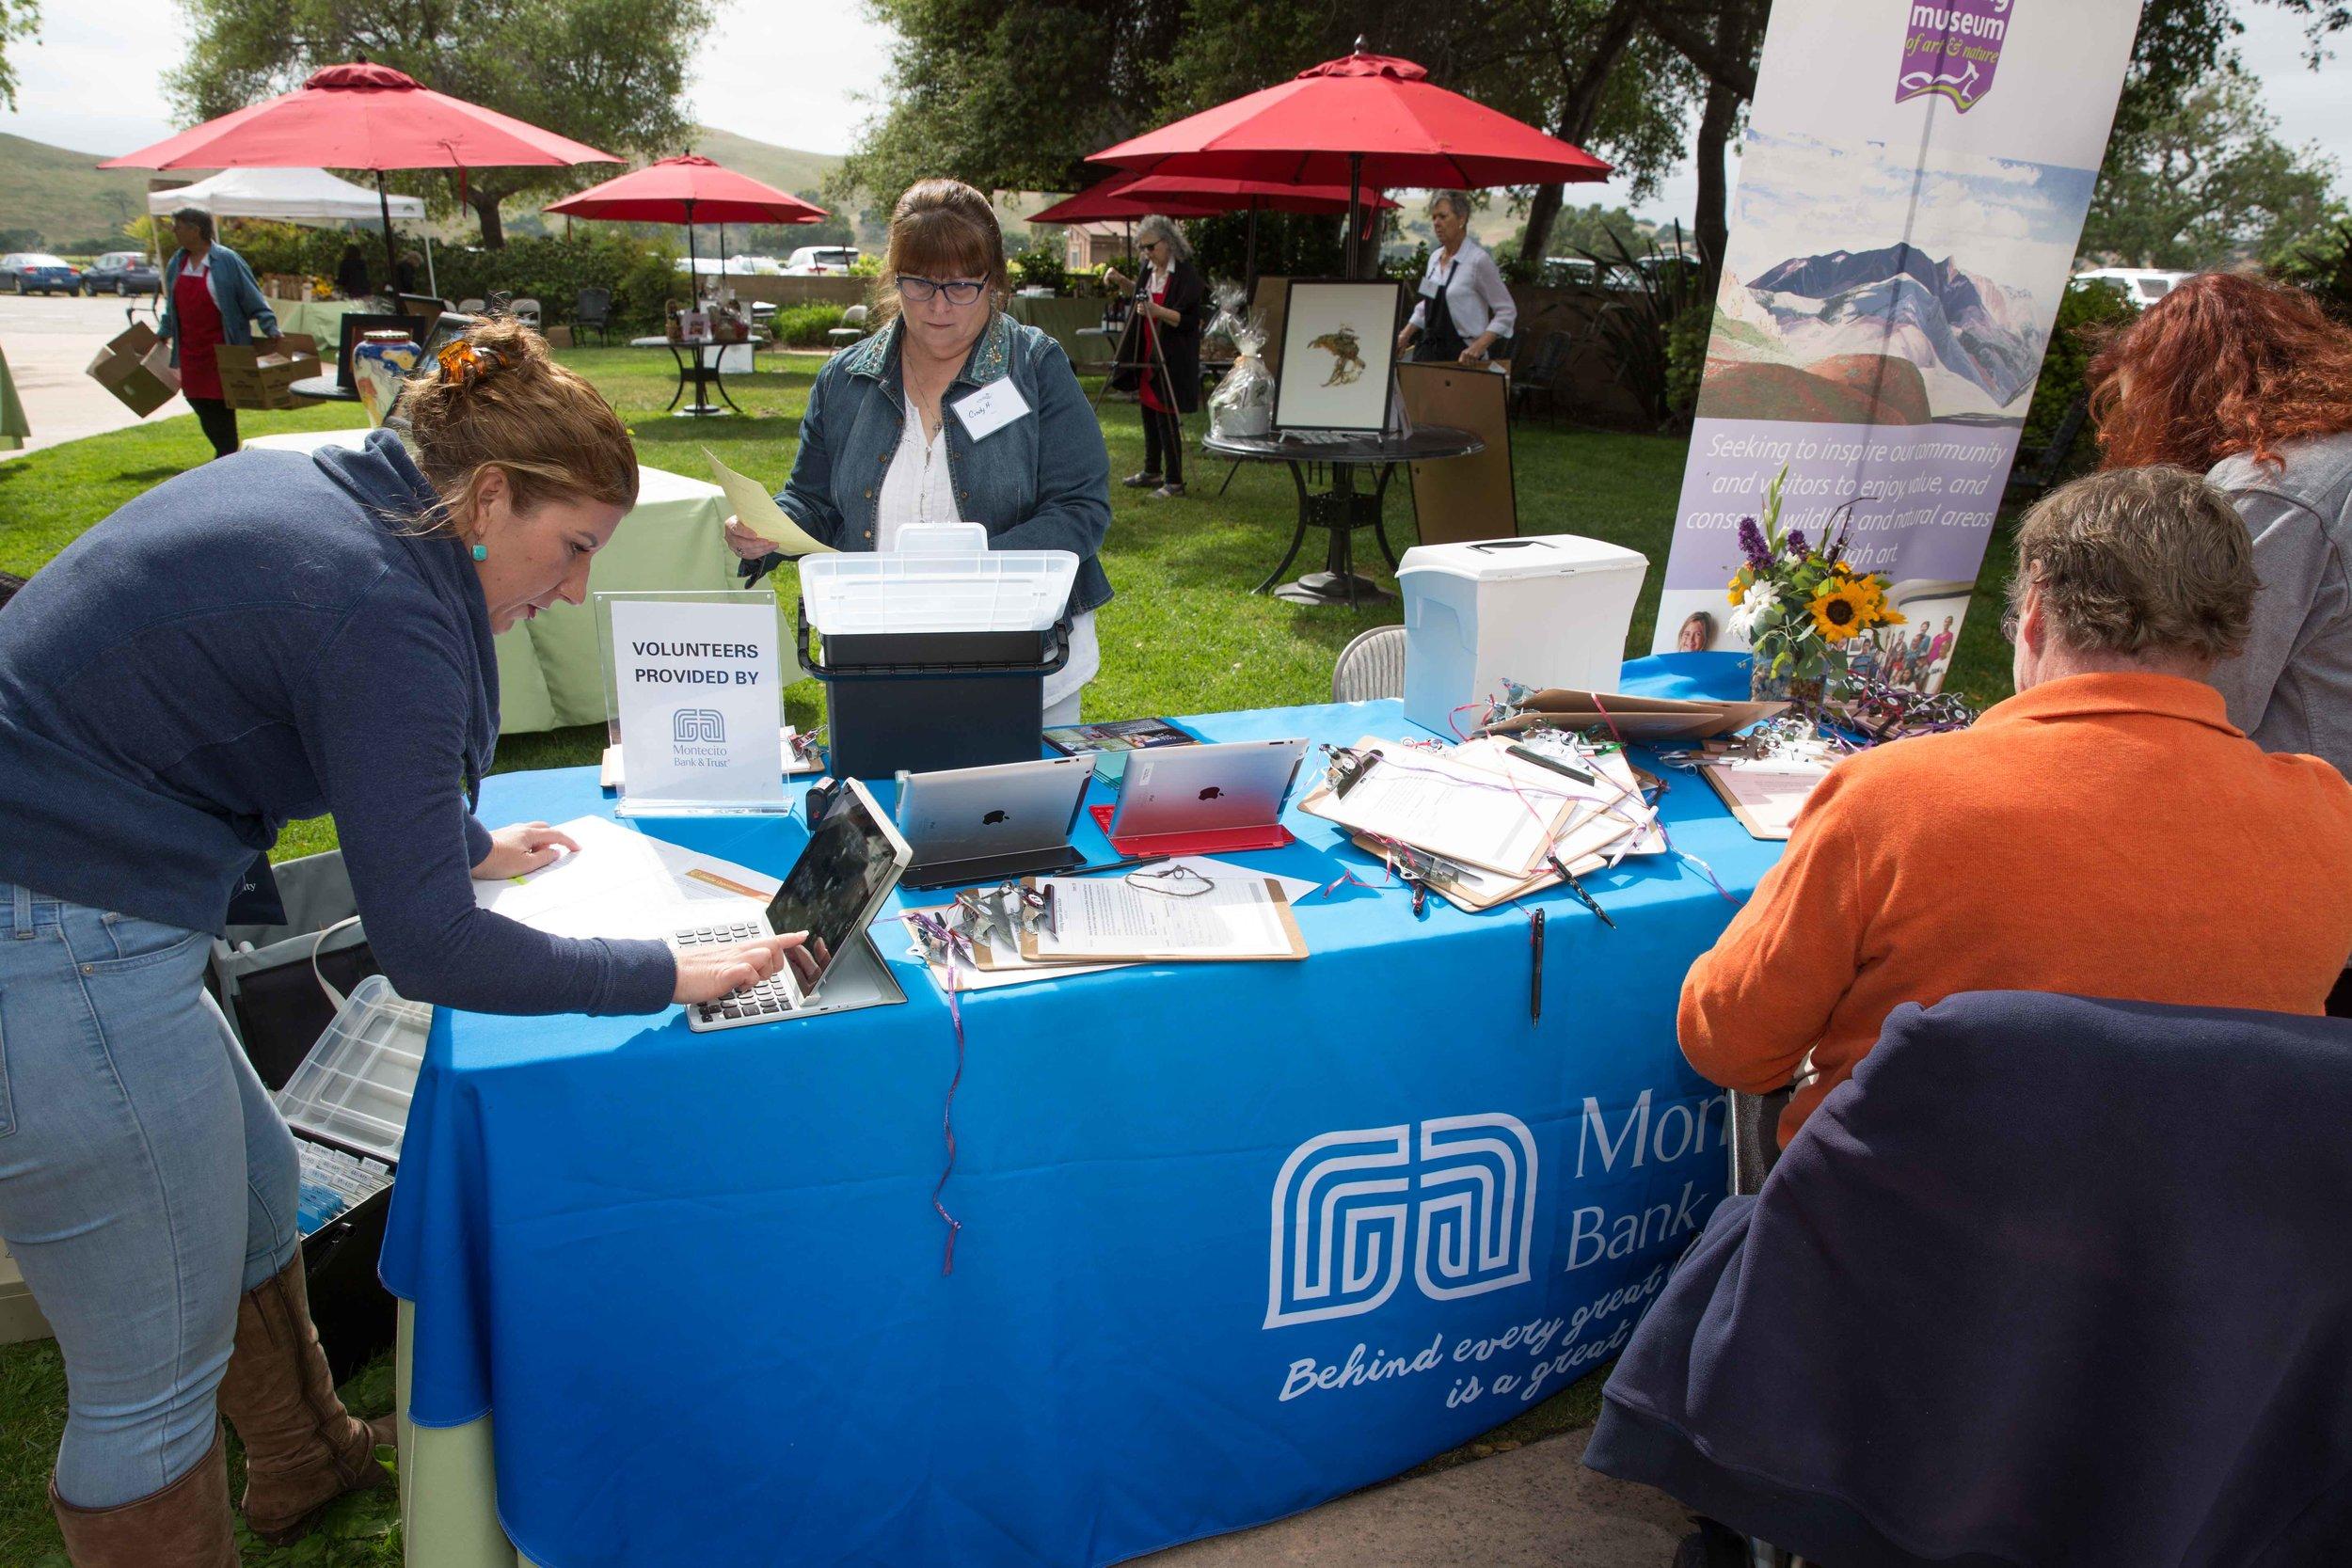 Montecito Bank and Trust Volunteers!